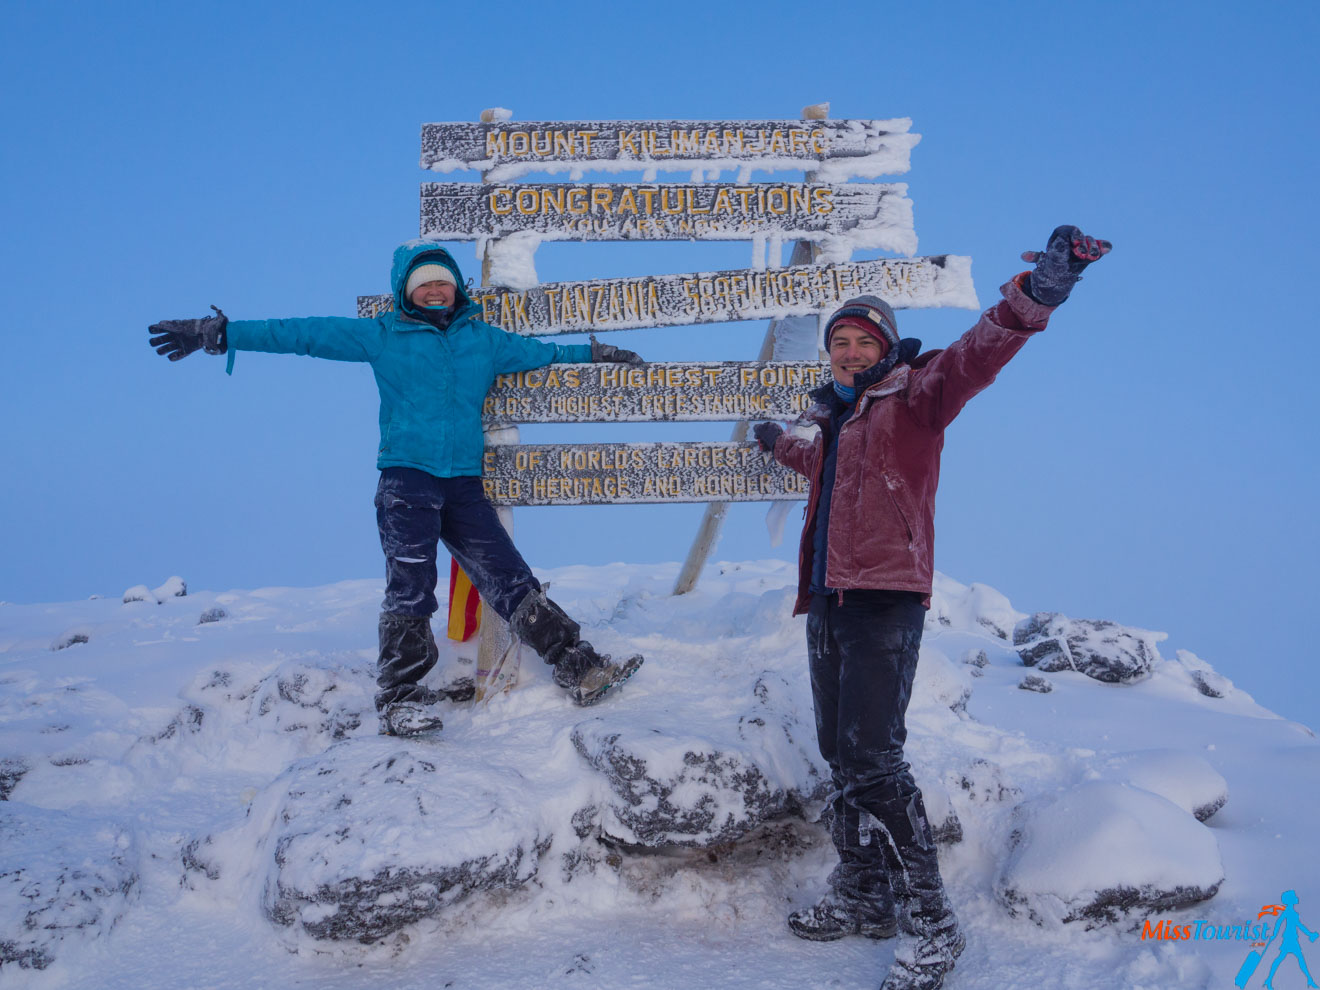 Escalar el Kilimanjaro: 7 cosas que debe saber antes de ir 37